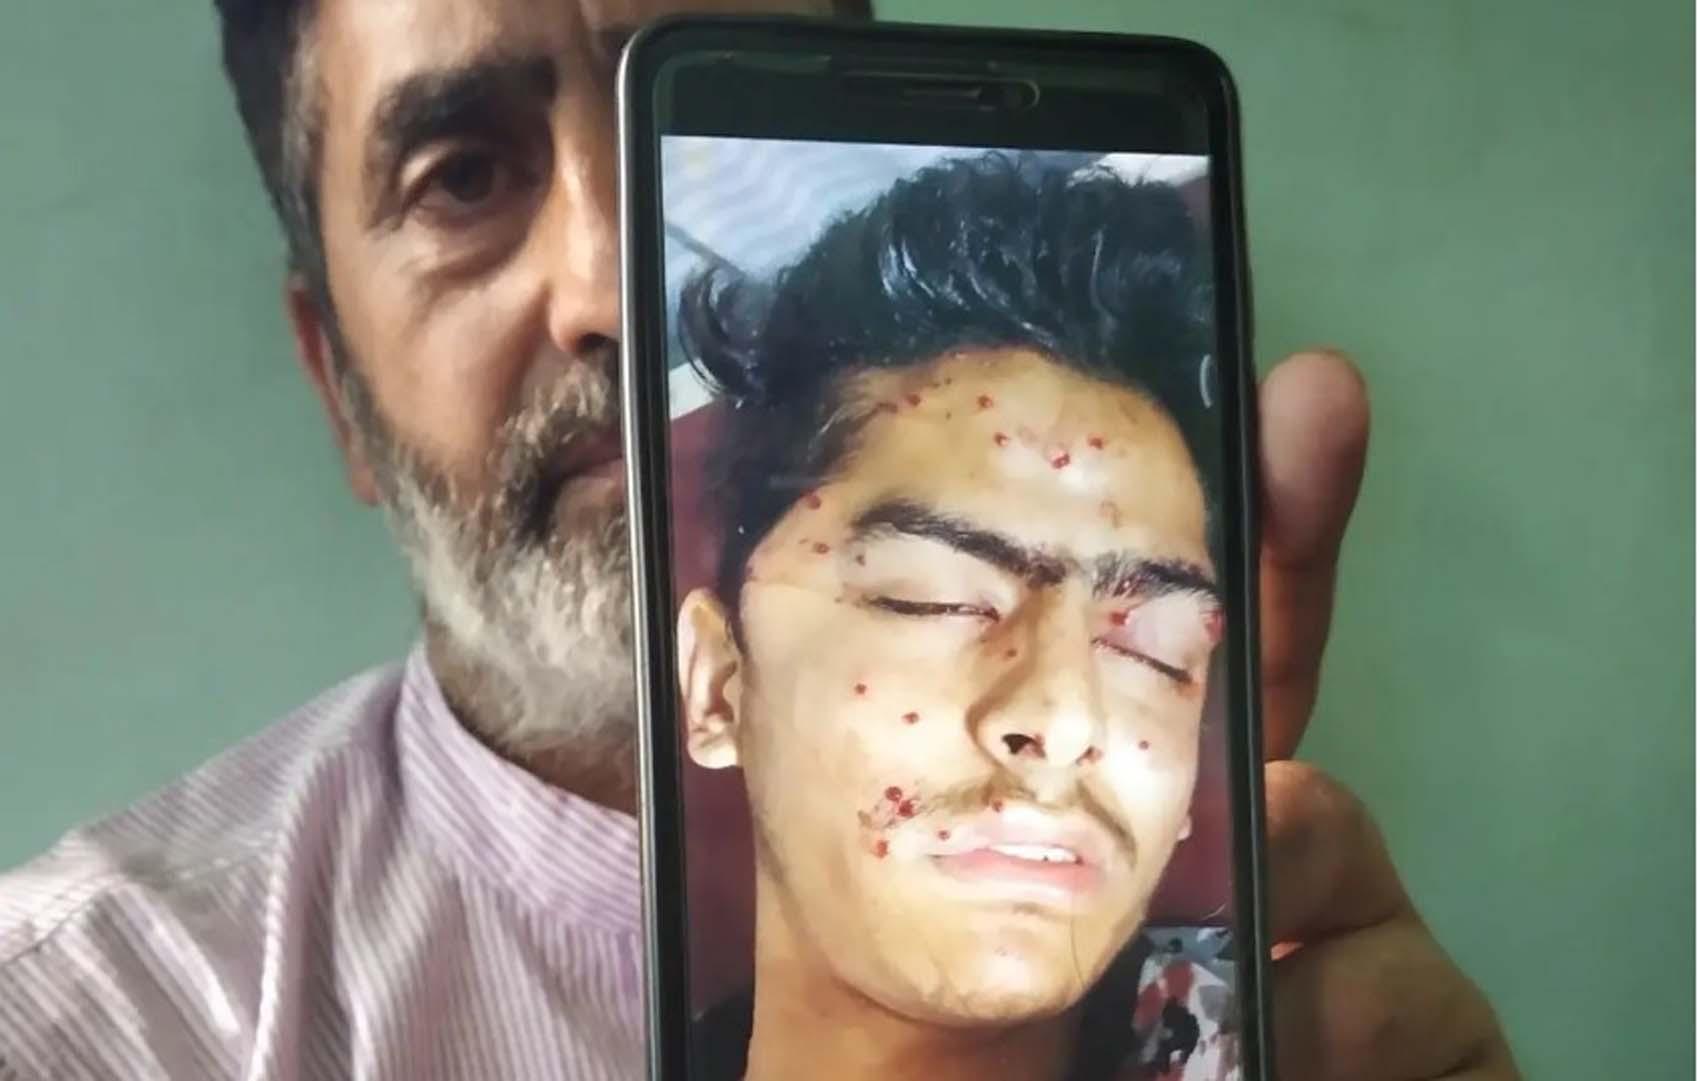 युवक की मौत की खबर के बाद कश्मीर में झड़पें और तनाव, सेना के अनुसार पिछले 30 दिनों में कुल 5 लोगों की मौत हुई।